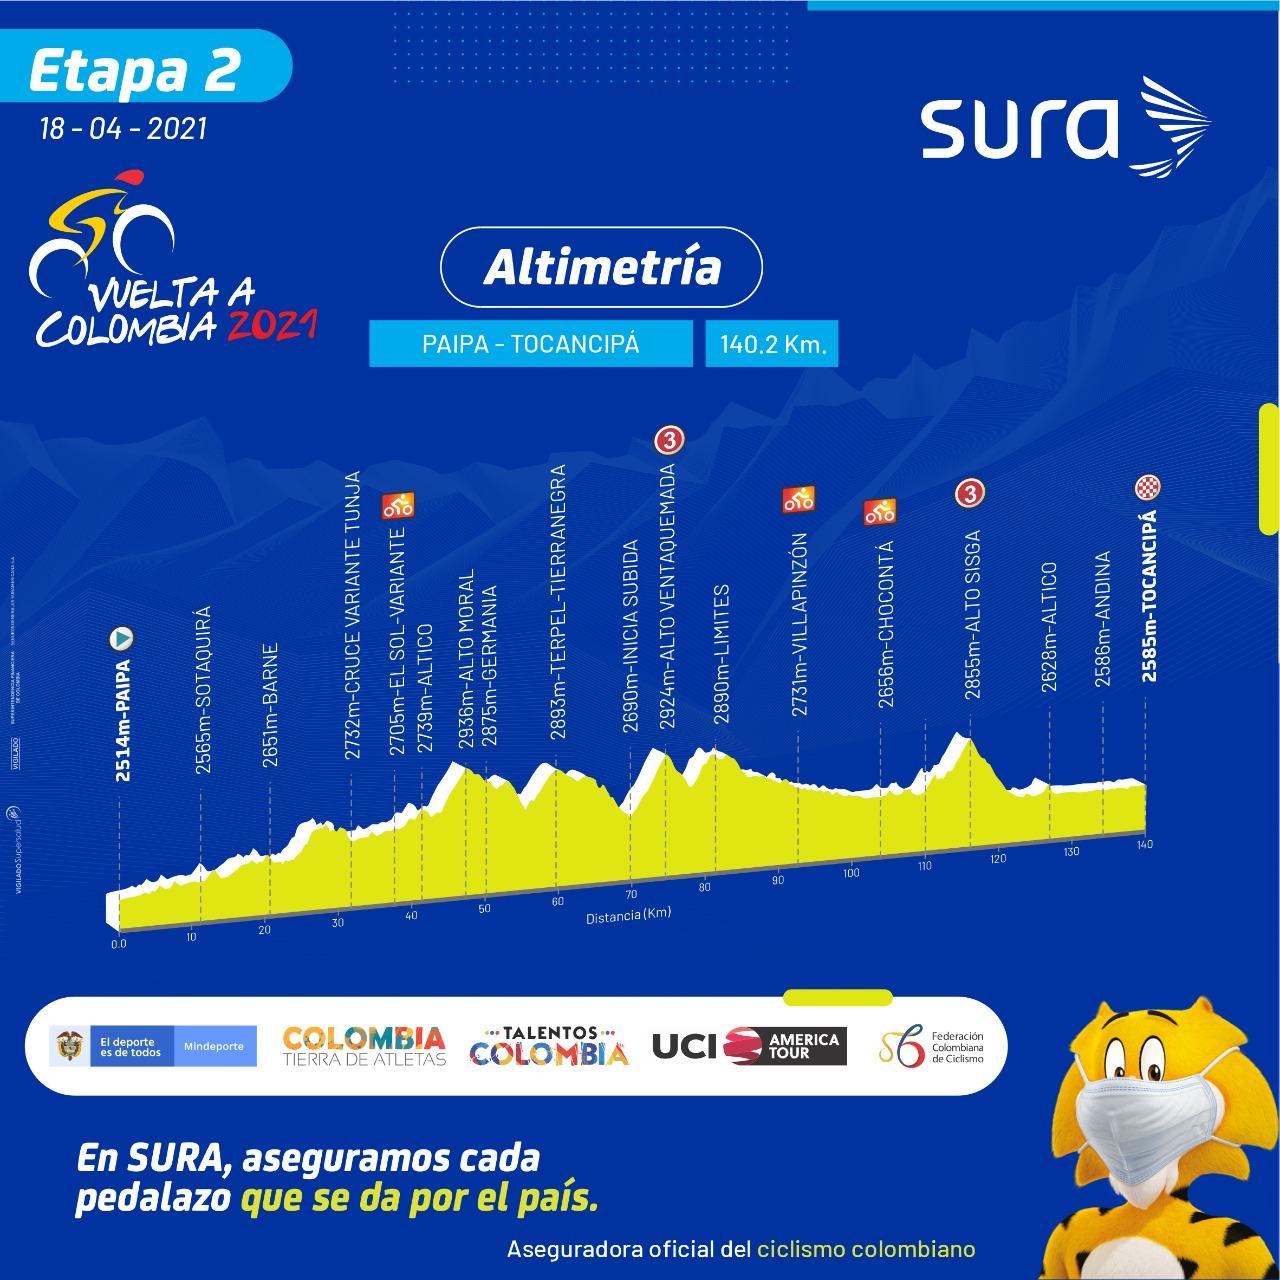 Etapa 2 Vuelta a Colombia 2021